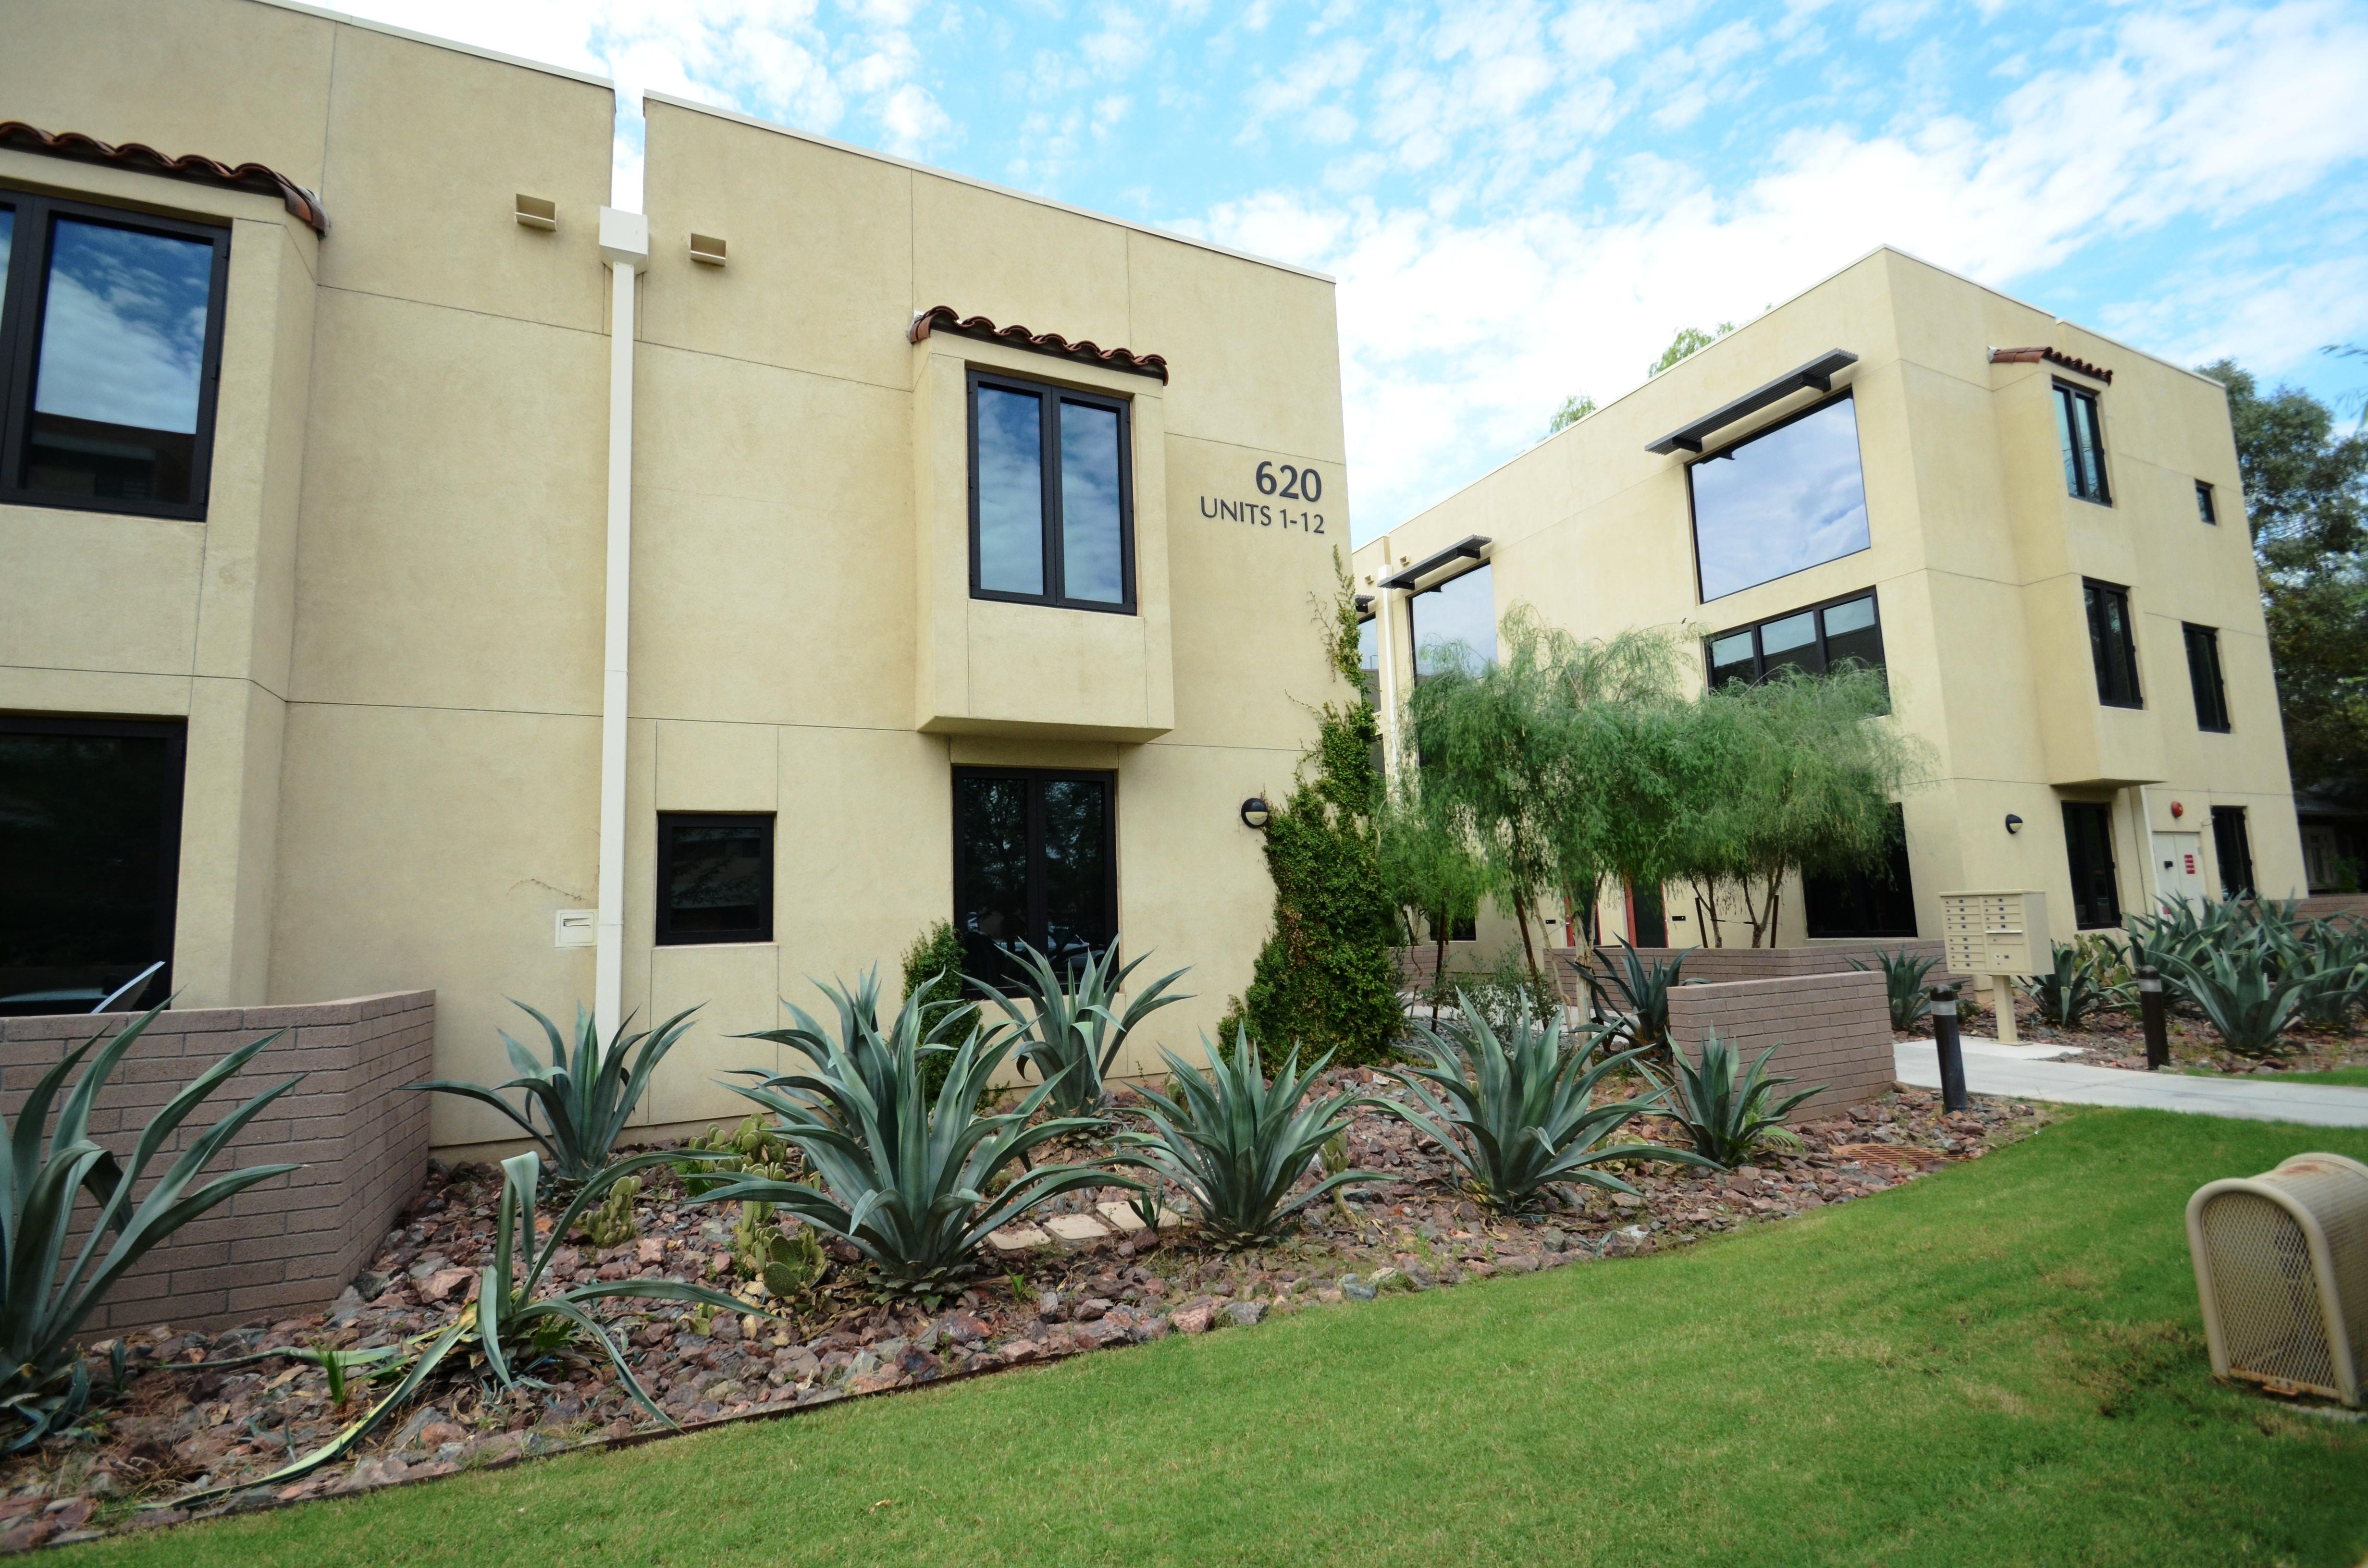 28 concrete block houses archier recycles 270 for Concrete block house